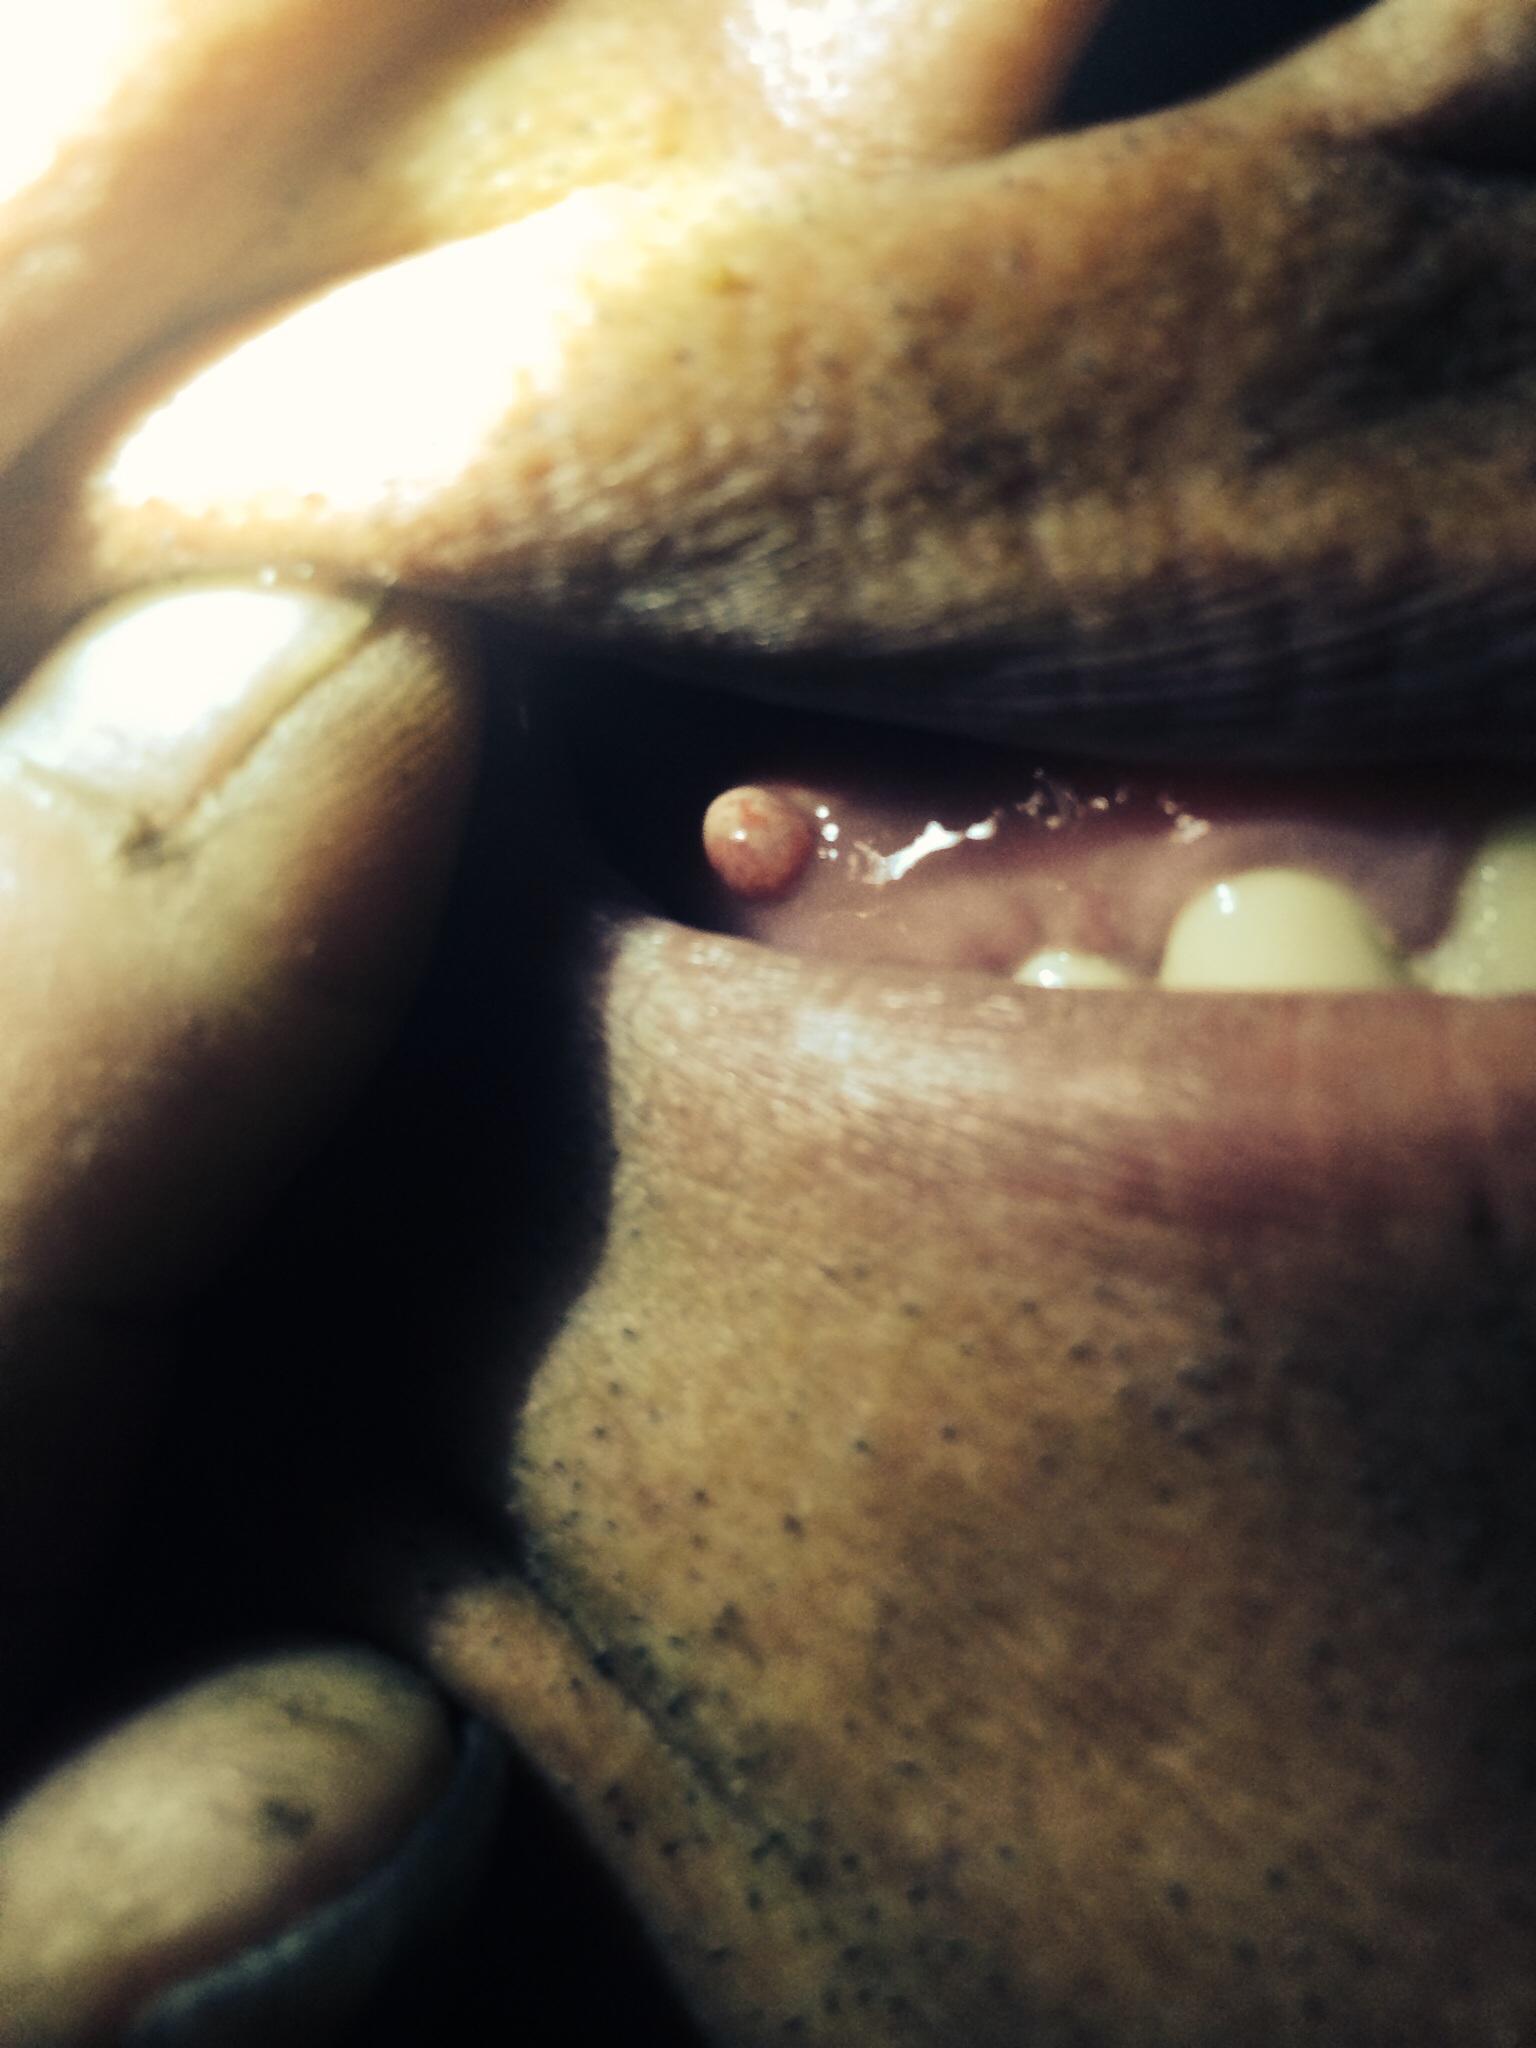 您好我父亲上牙膛张个胳子,不疼以前张过没了又张了怎么回事呢?